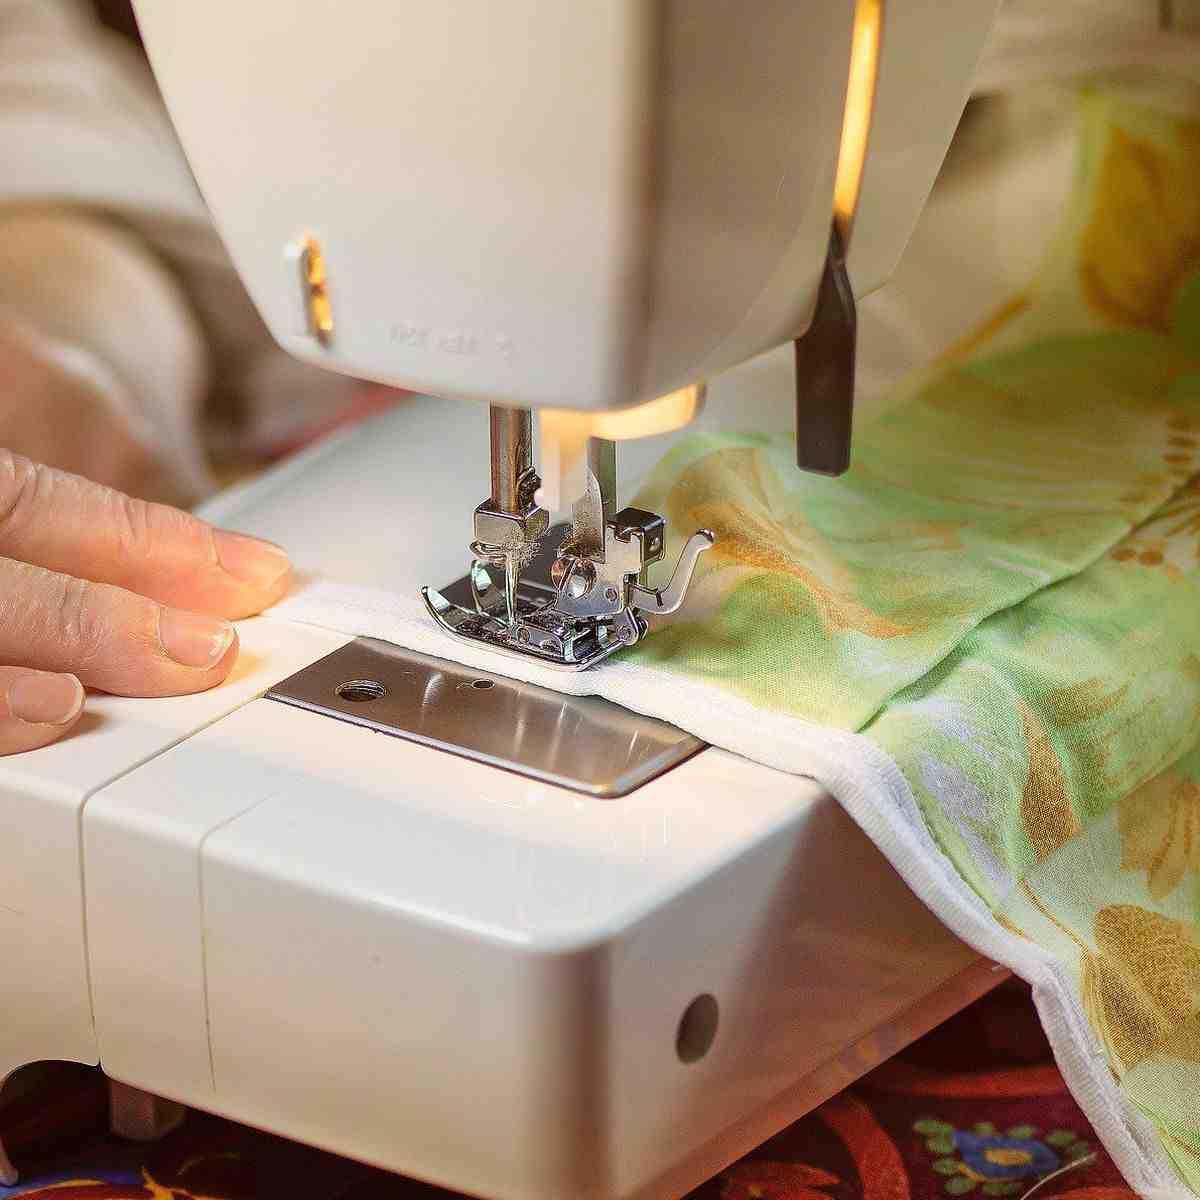 Où est fabriquée la machine à coudre d'Elna?